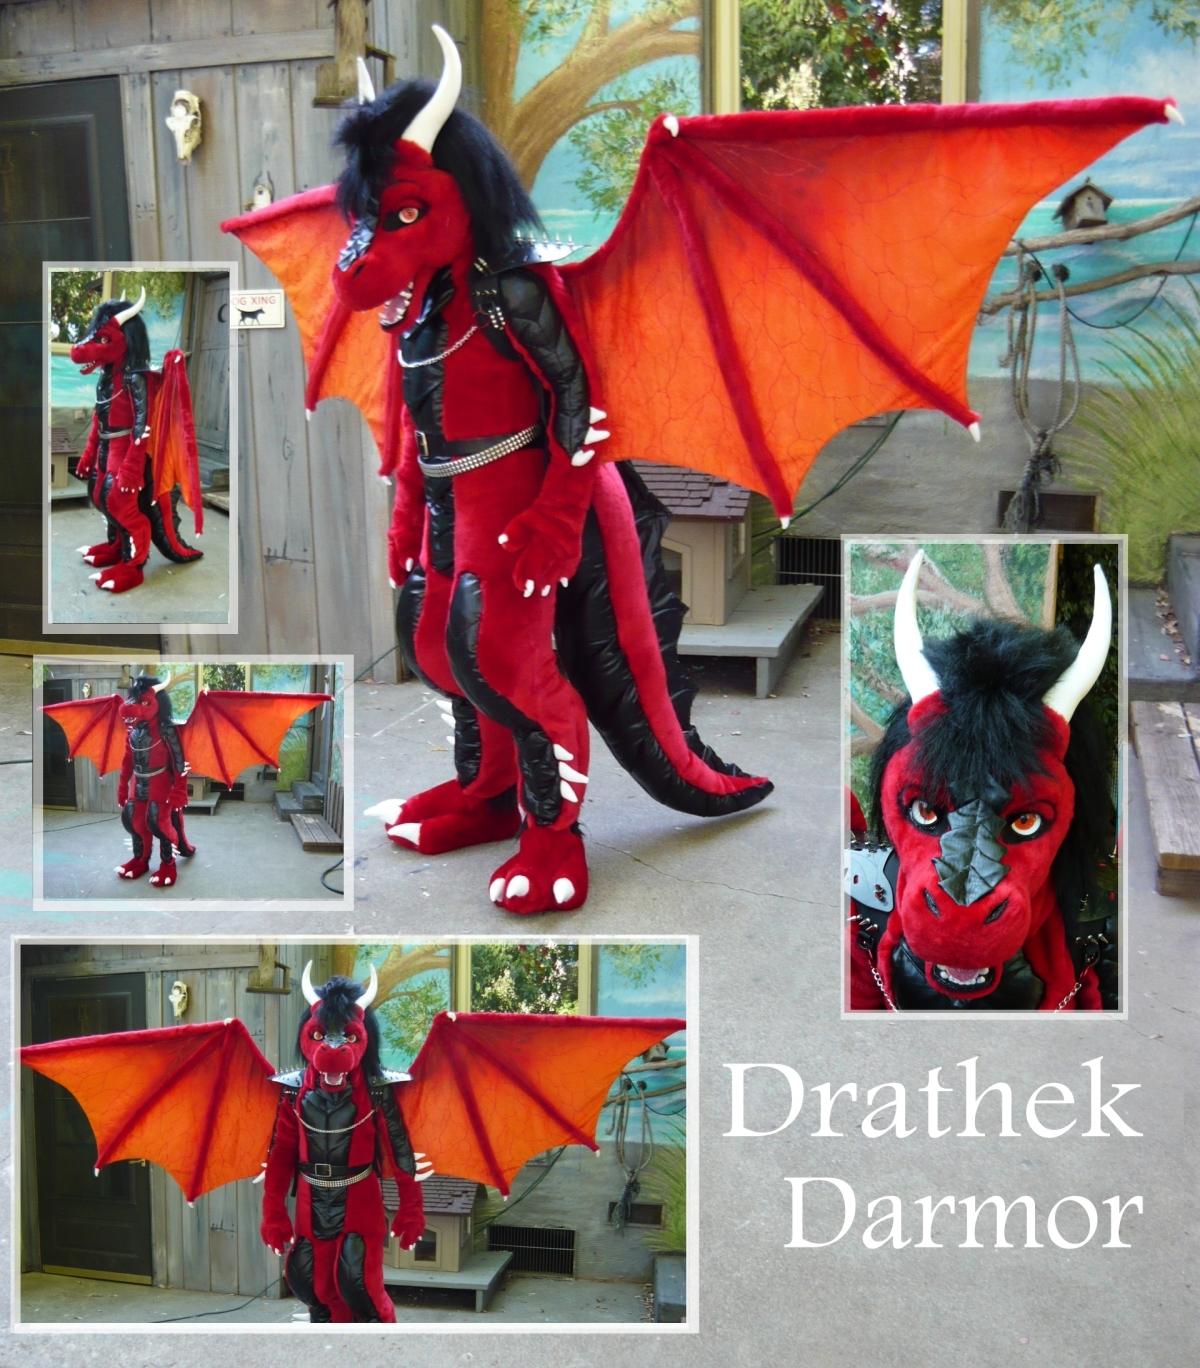 Drathek Dragon By Lilleahwest Drathek Dragon By Lilleahwest